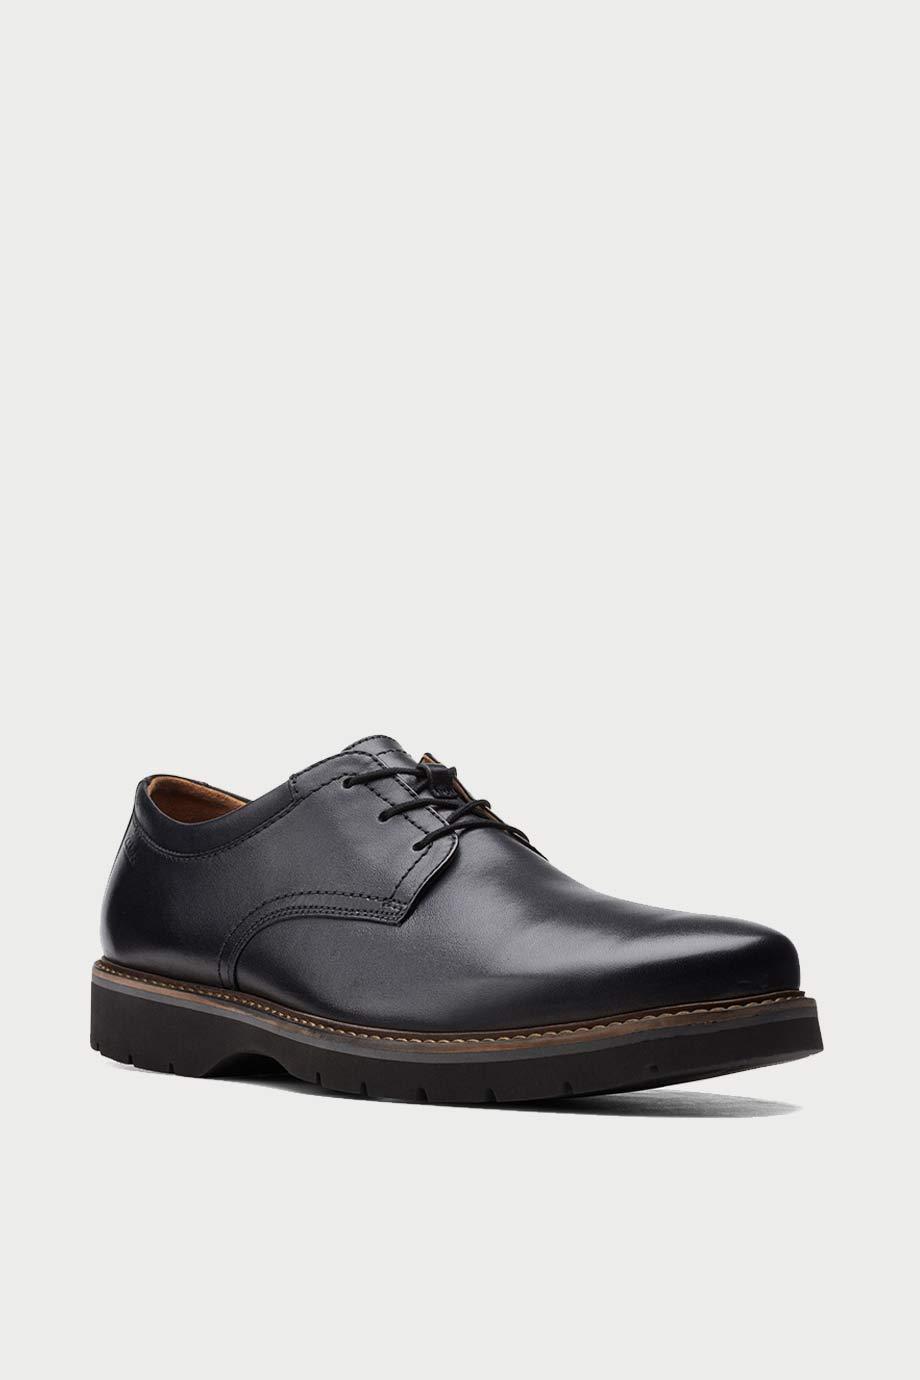 spiridoula metheniti shoes xalkida p bayhill plain black leather clarks 2